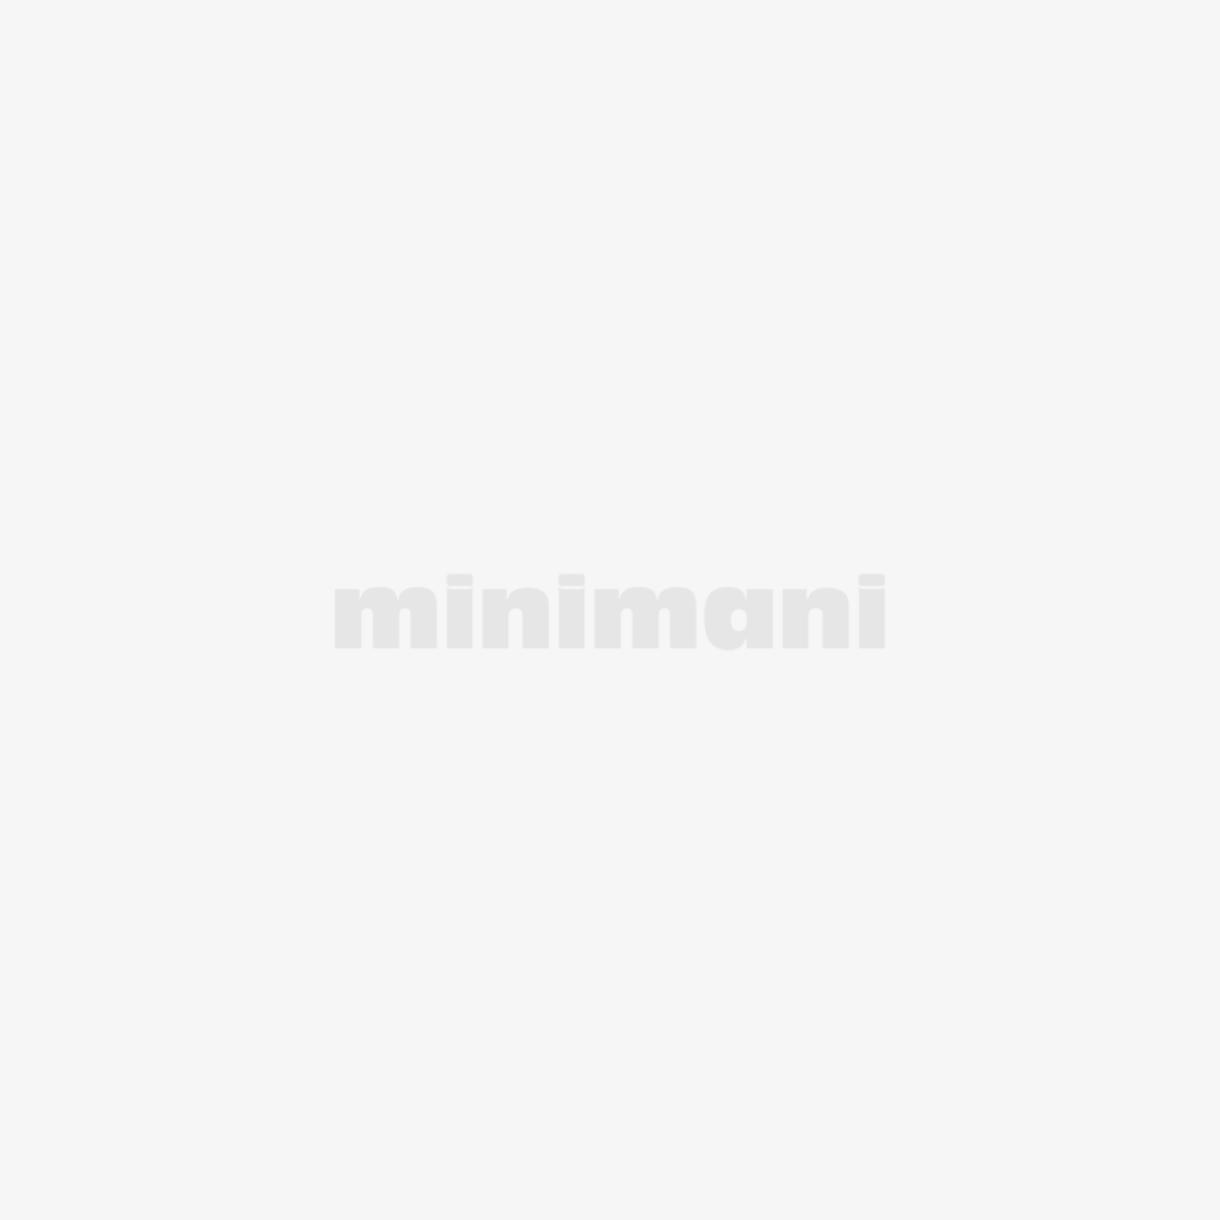 M-FILTER RAITISILMASUODATIN MAC 8021 FOCUS I, CONNECT